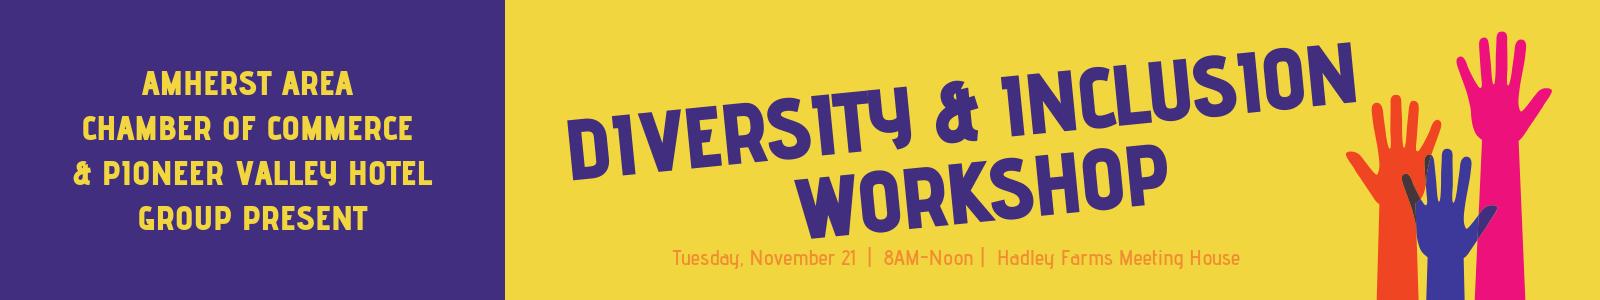 DiversityAndInclusionWorkshop-Header.png